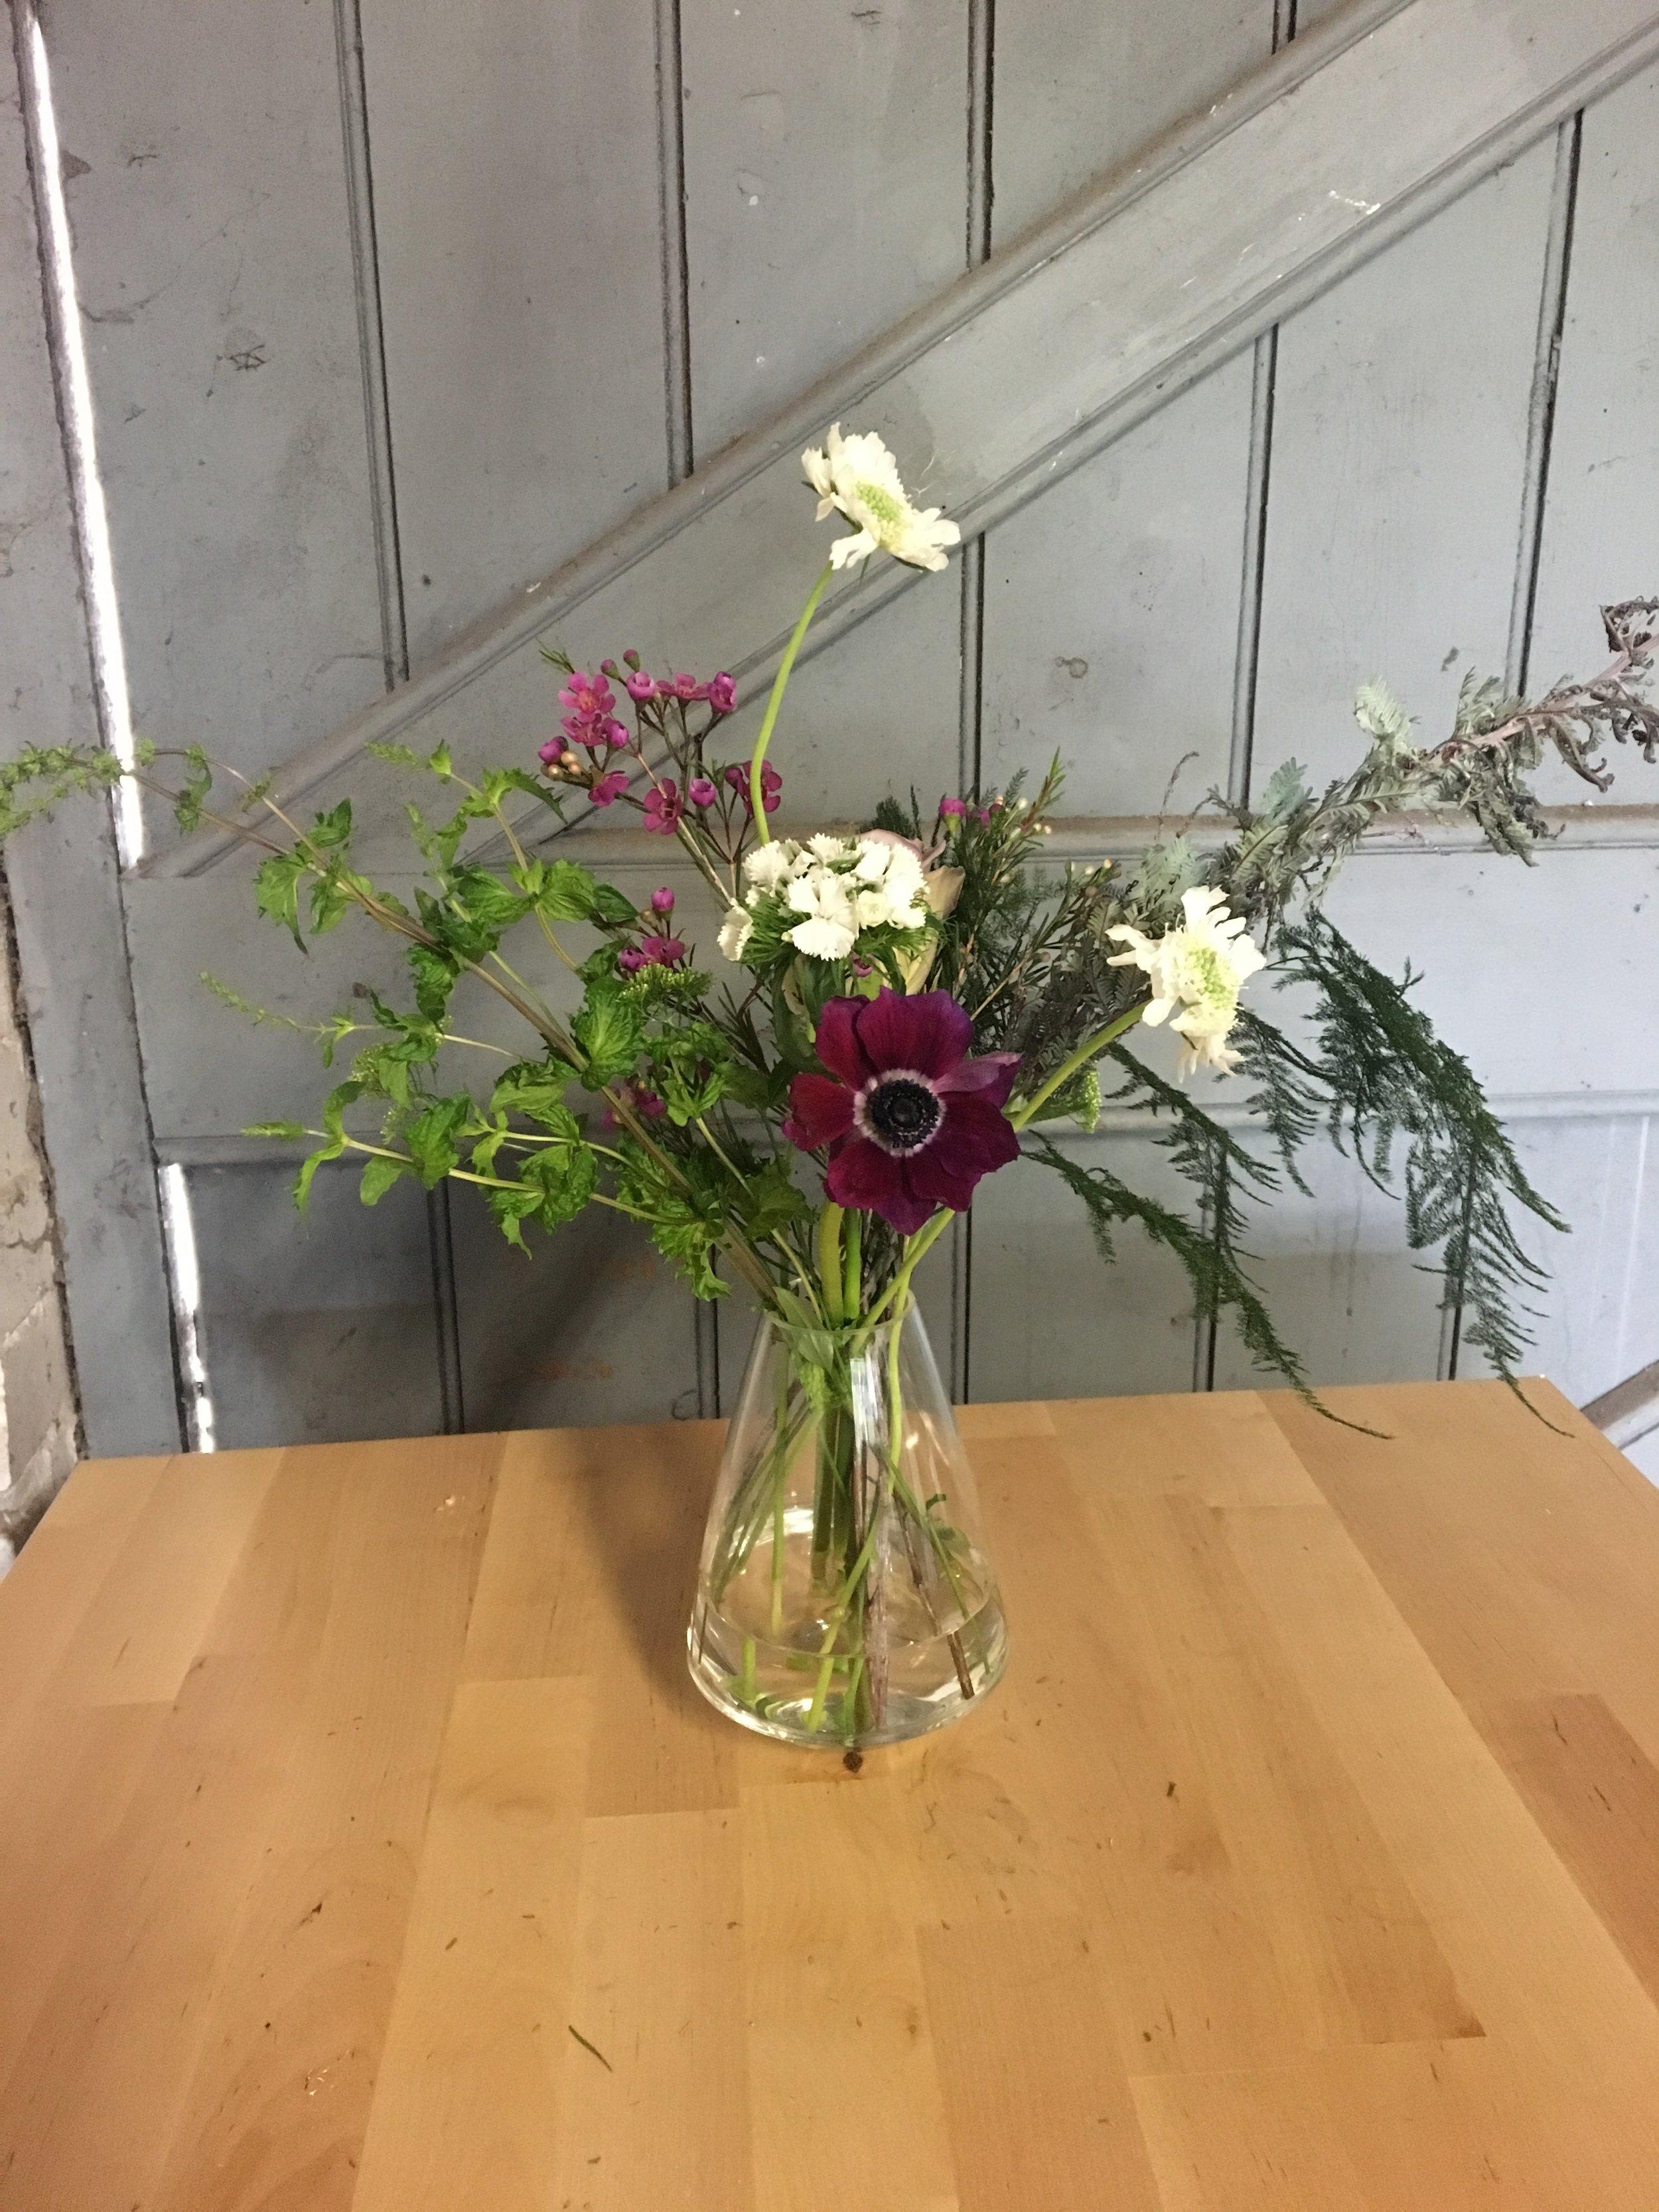 Anemone and wax flower arrangement